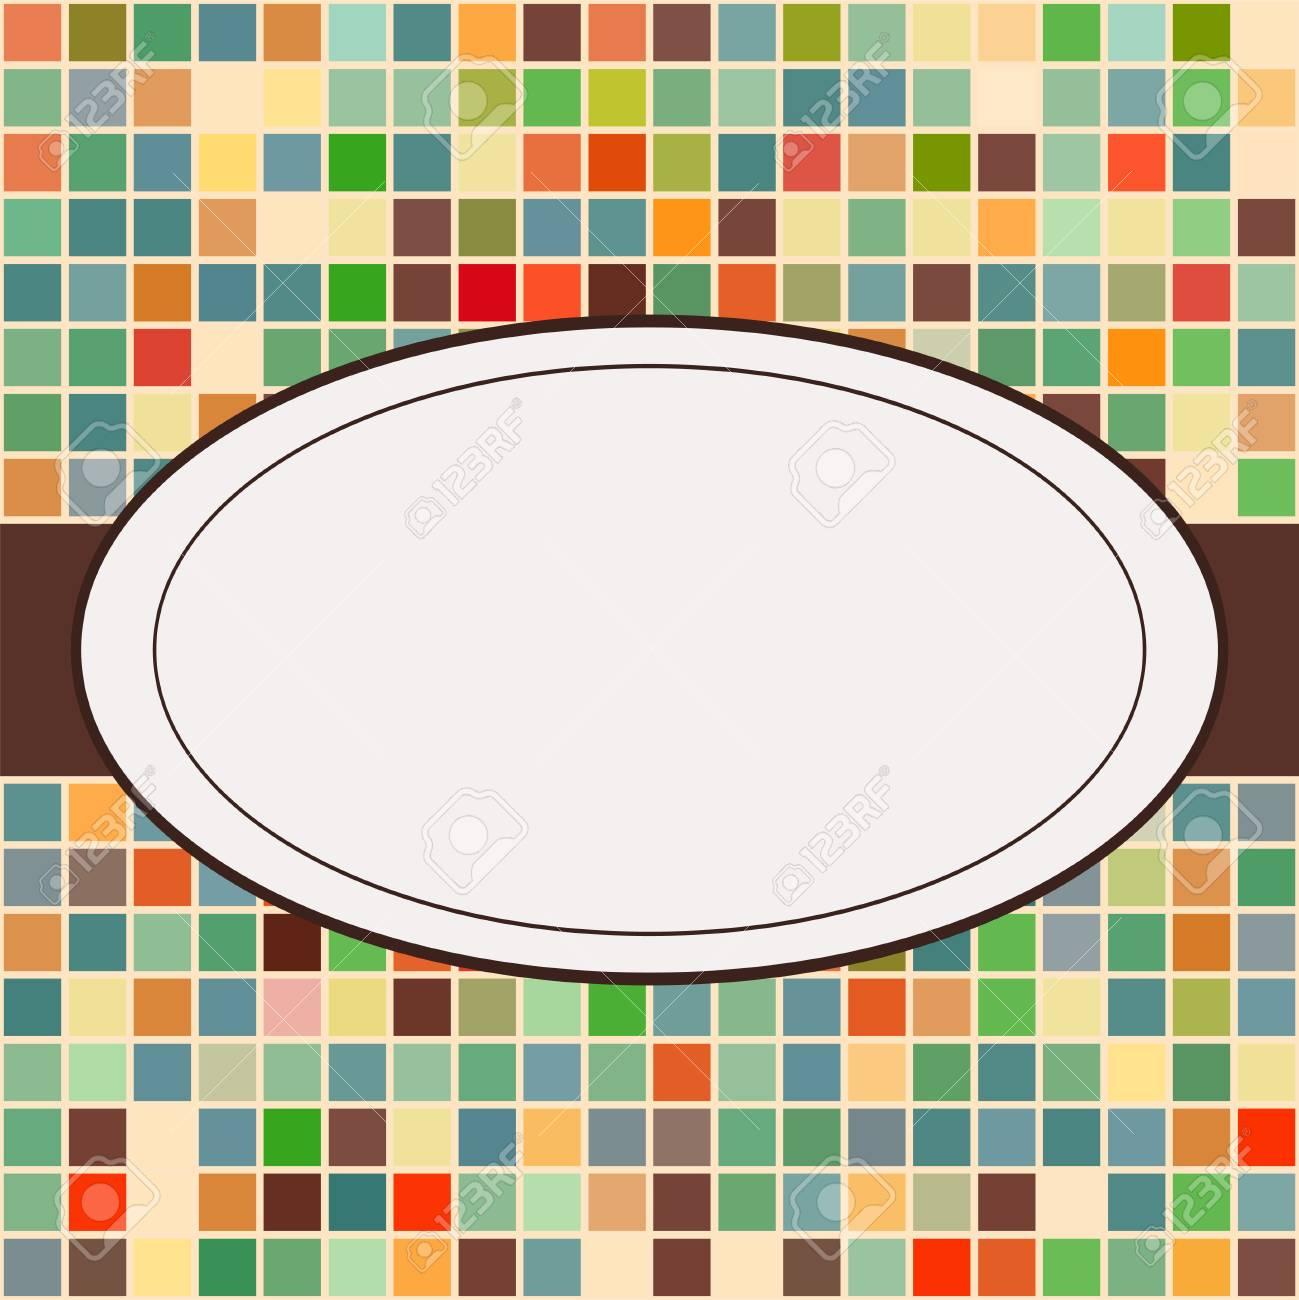 Mosaik-Rahmen Platz Für Text Einladung Lizenzfrei Nutzbare ...